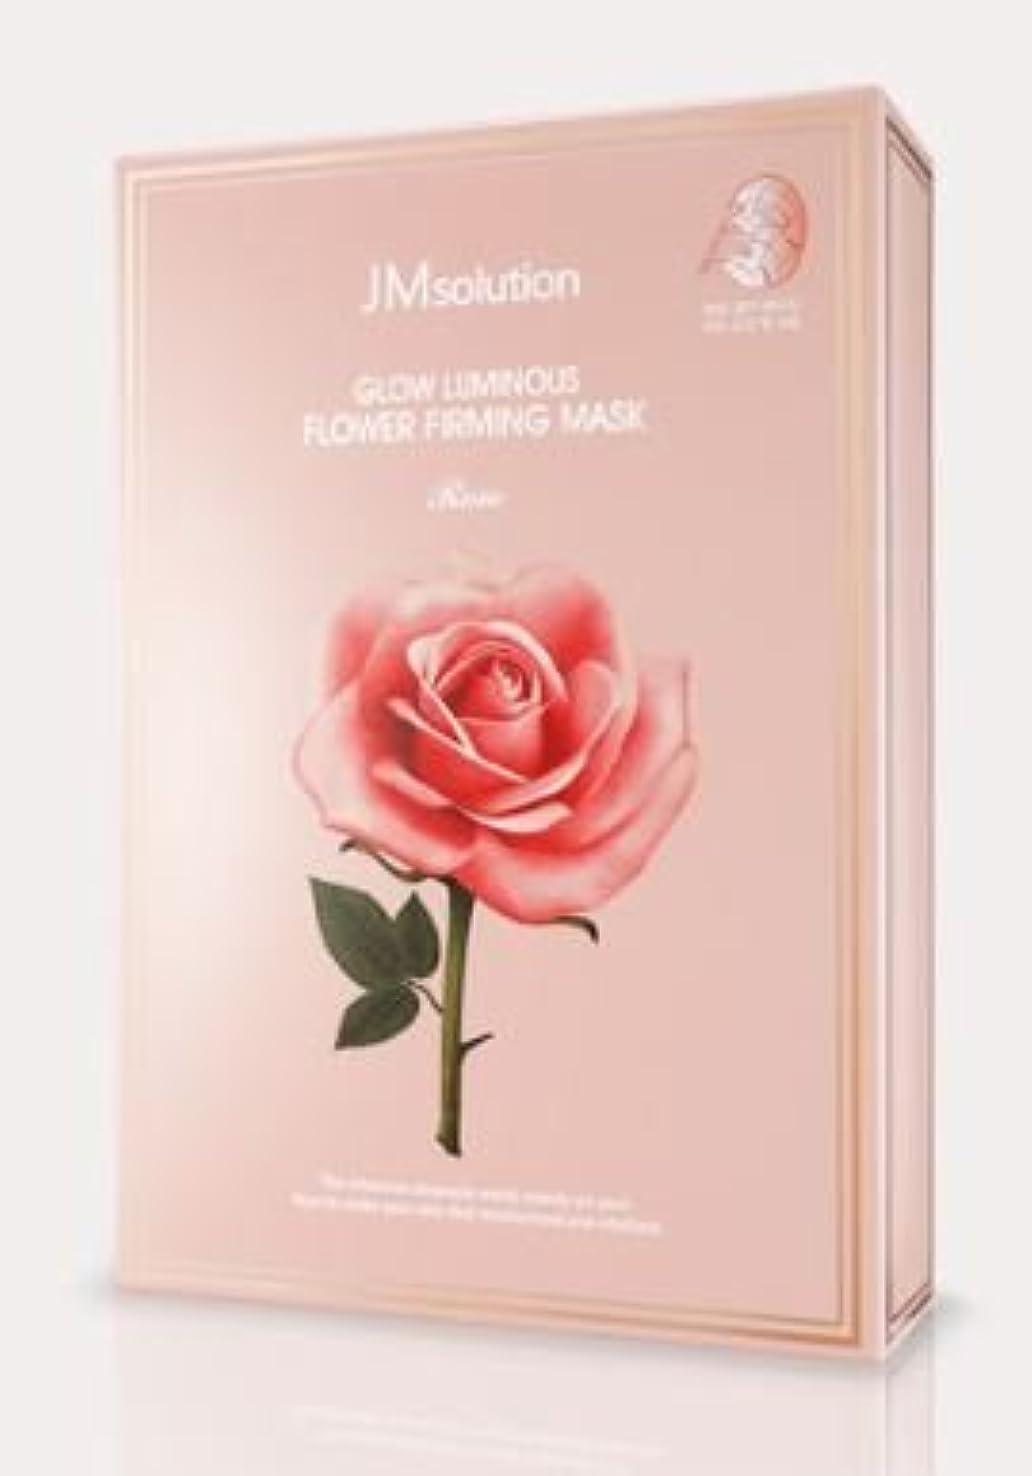 創造執着良い[JM solution] Glow Luminous Flower Firming Mask Rose 30ml*10ea [並行輸入品]